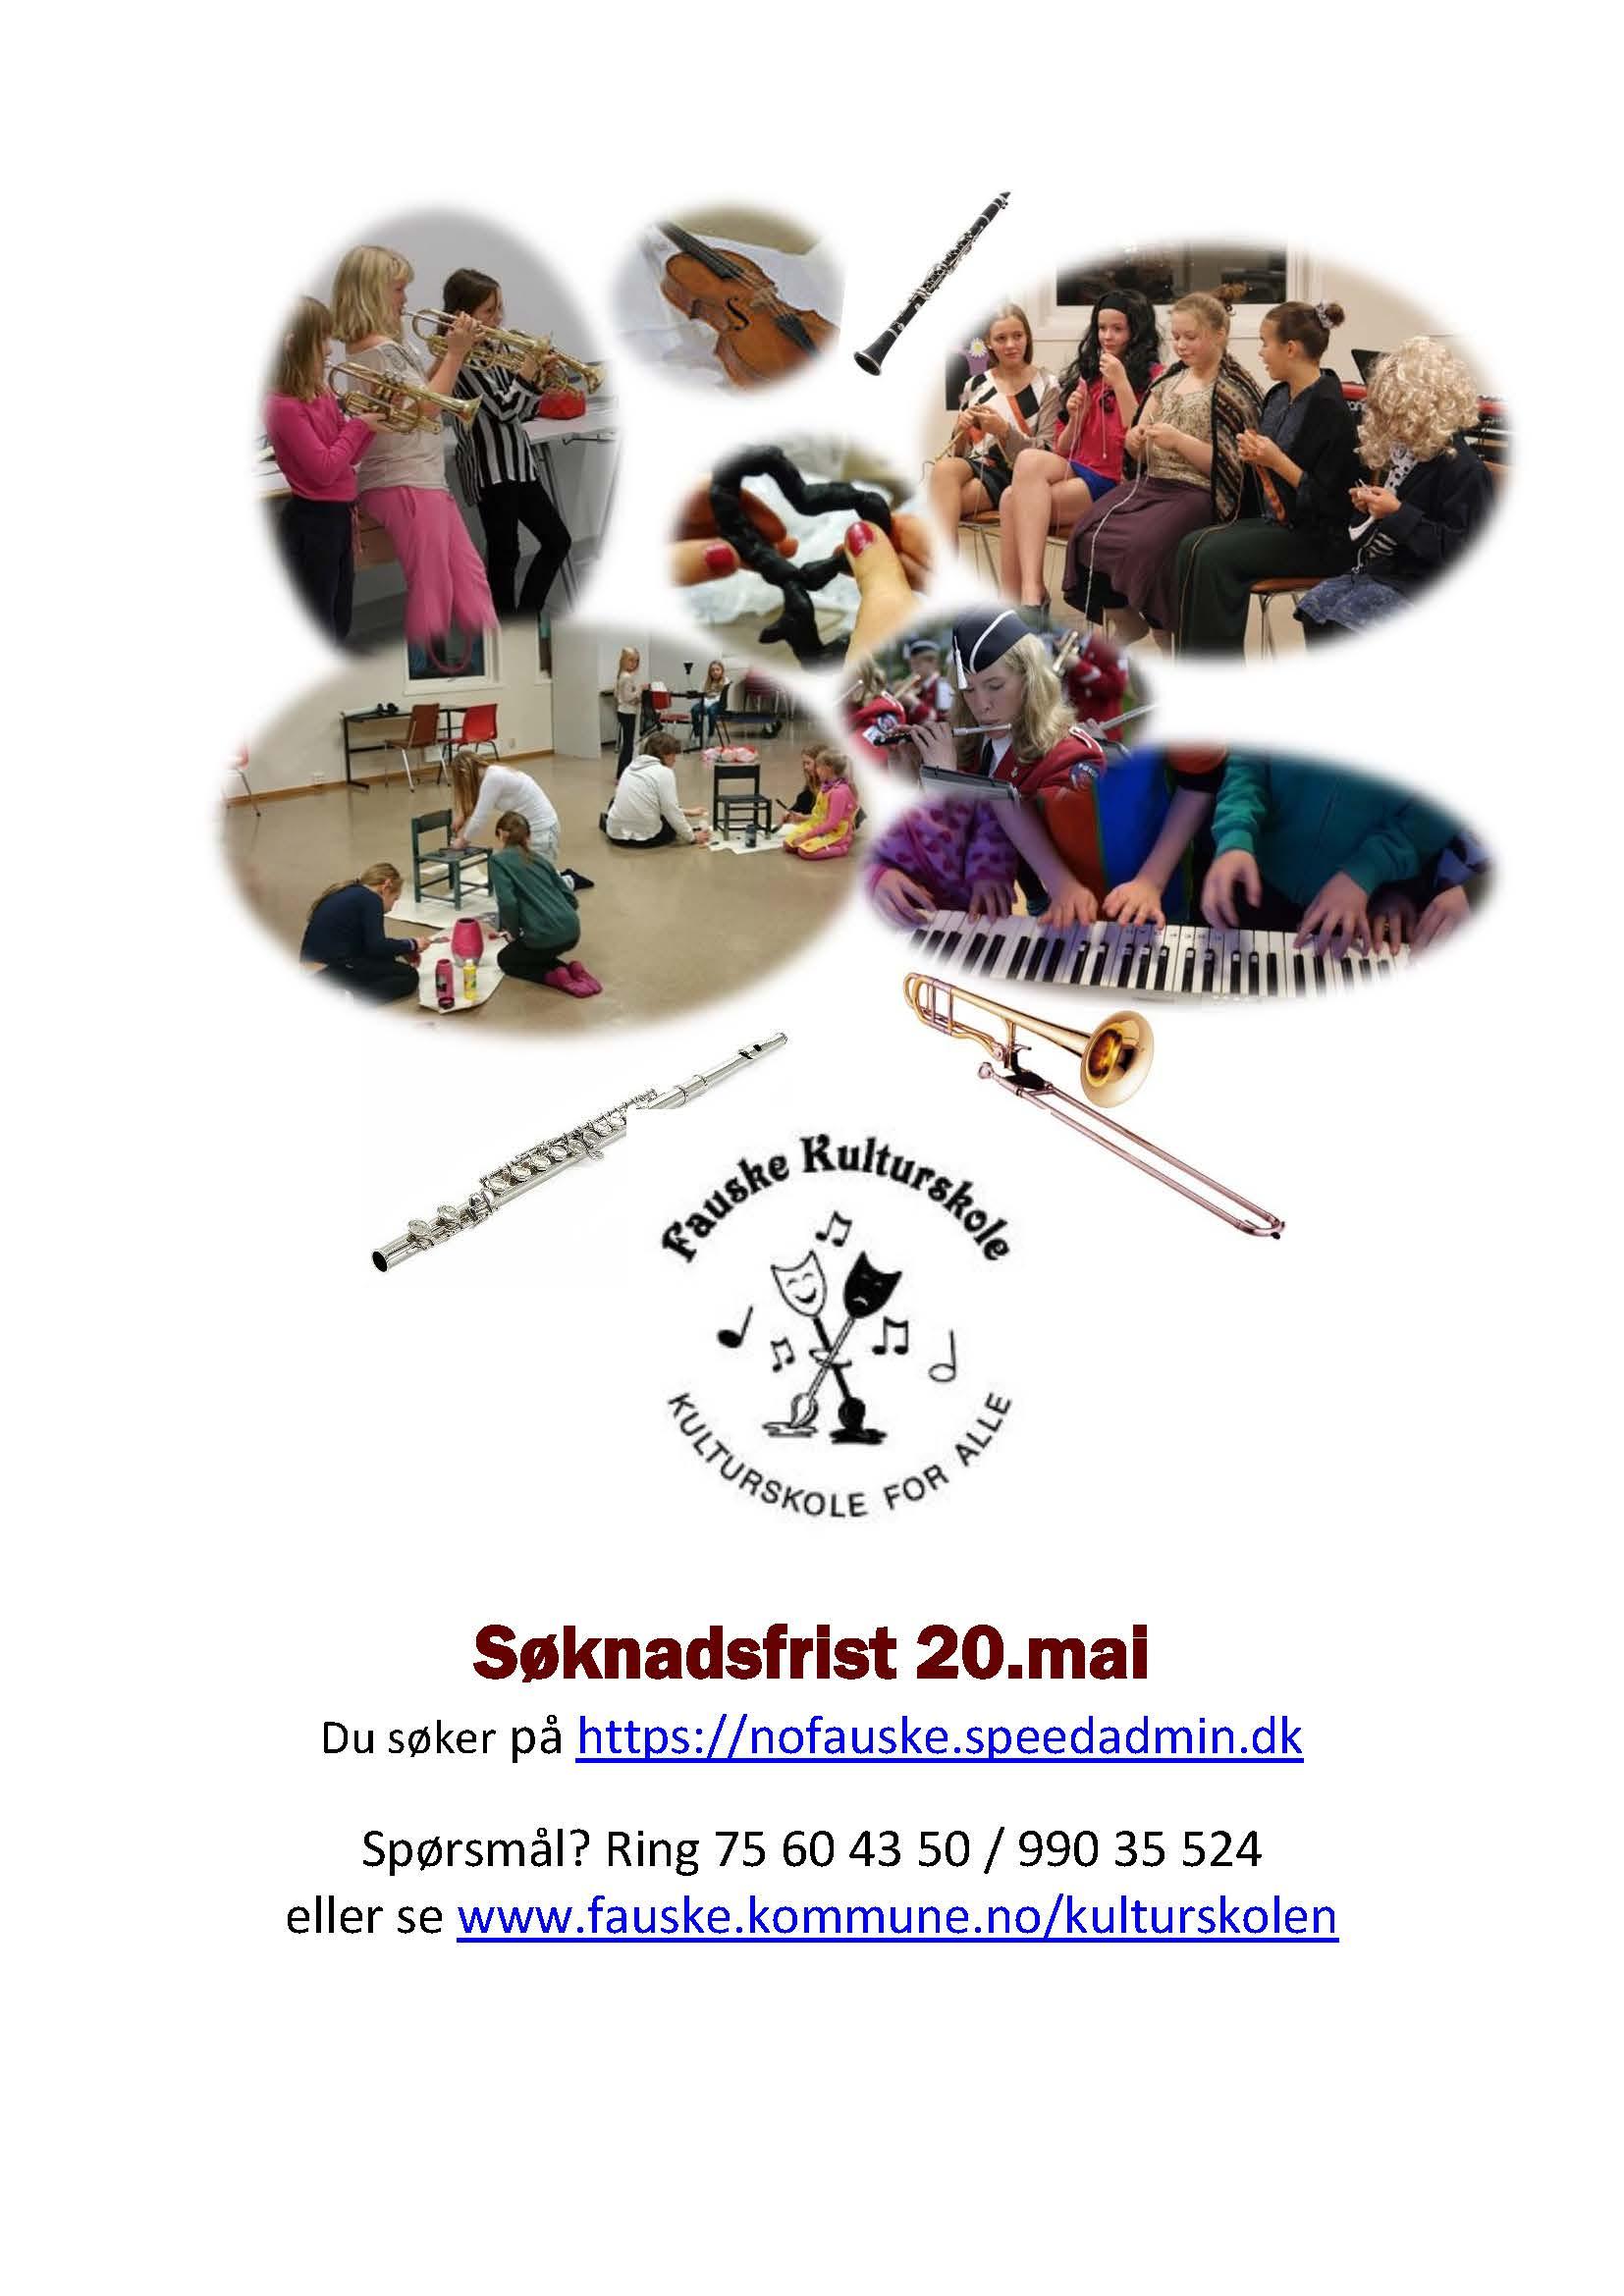 Søknadsfrist Fauske kulturskole.jpg